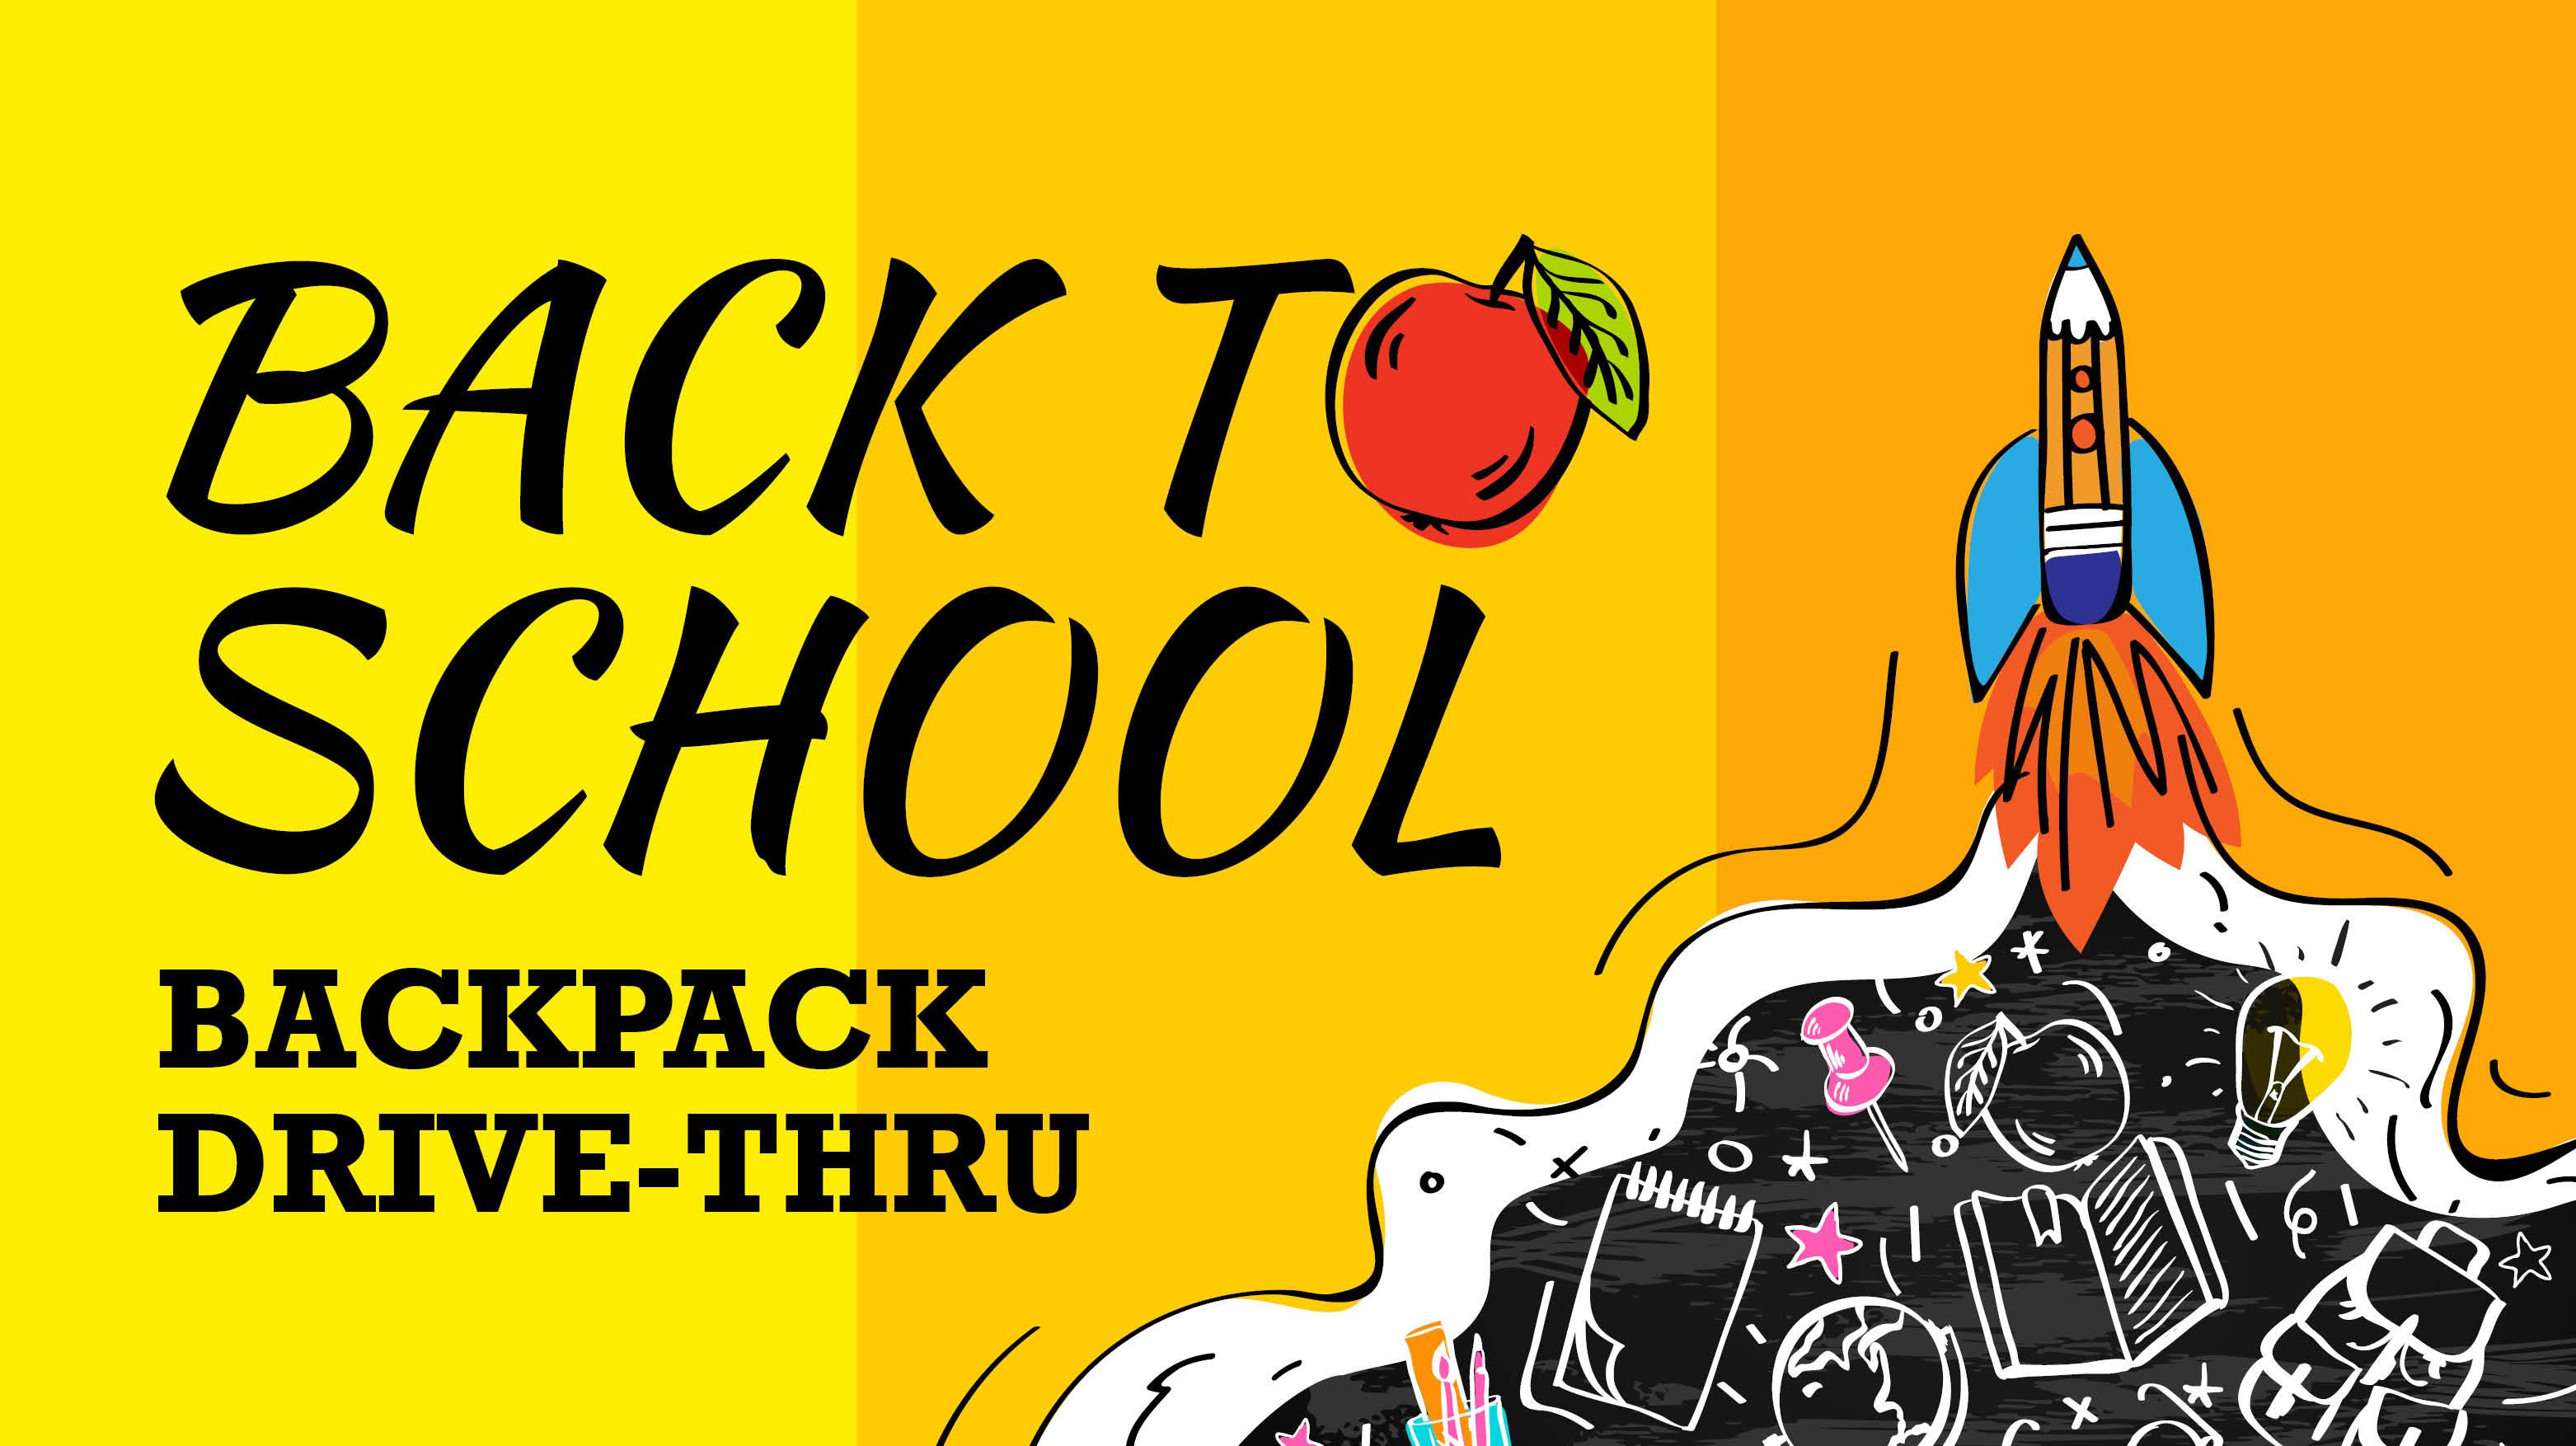 Back to School: Backpack Drive-Thru